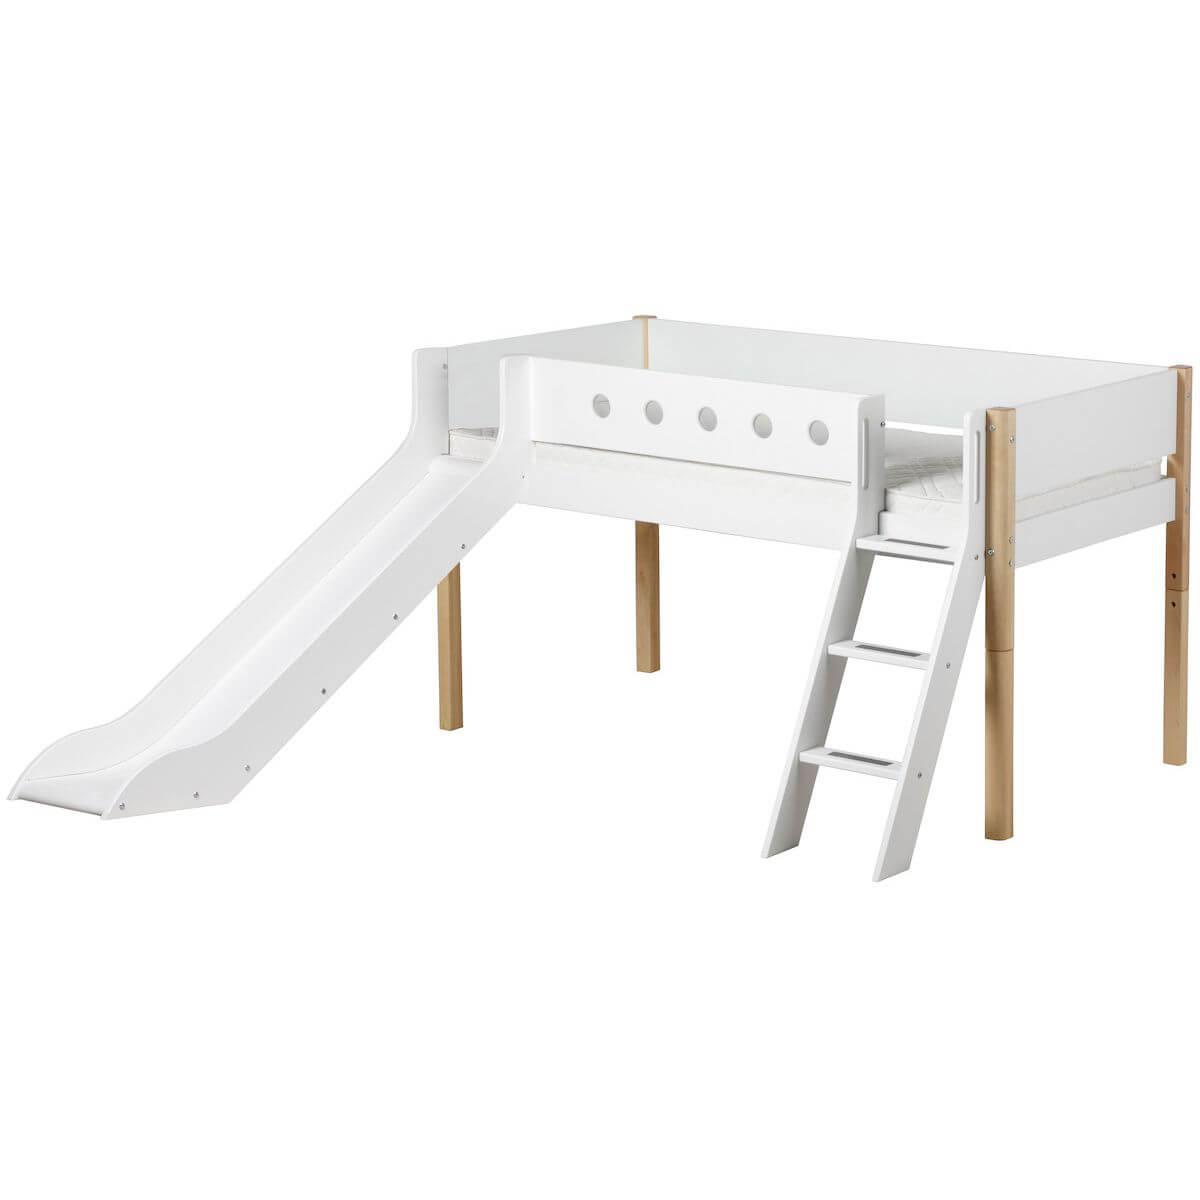 Cama media alta 90x200 WHITE Flexa escalera inclinada tobogán barrera blanca patas abedul